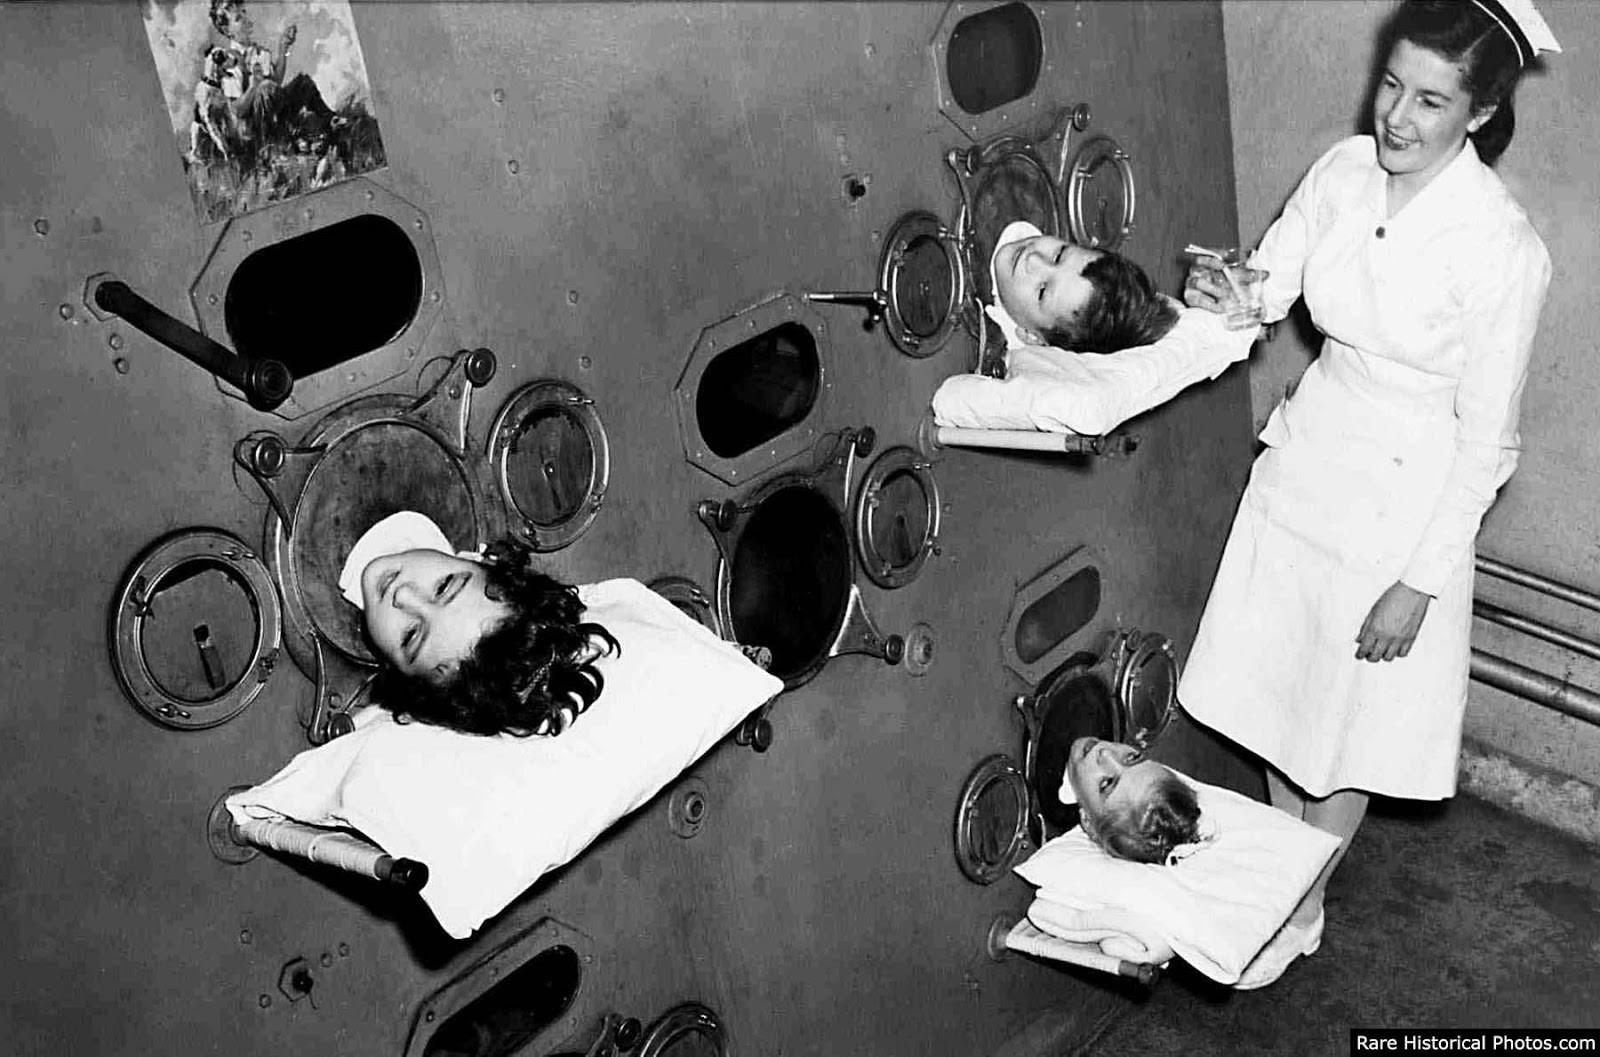 Một ngày của những bệnh nhân cuối cùng mắc chứng viêm tủy xám:Minh chứng tại sao phong trào anti-vaccine là một bước lùi của nhân loại - Ảnh 2.